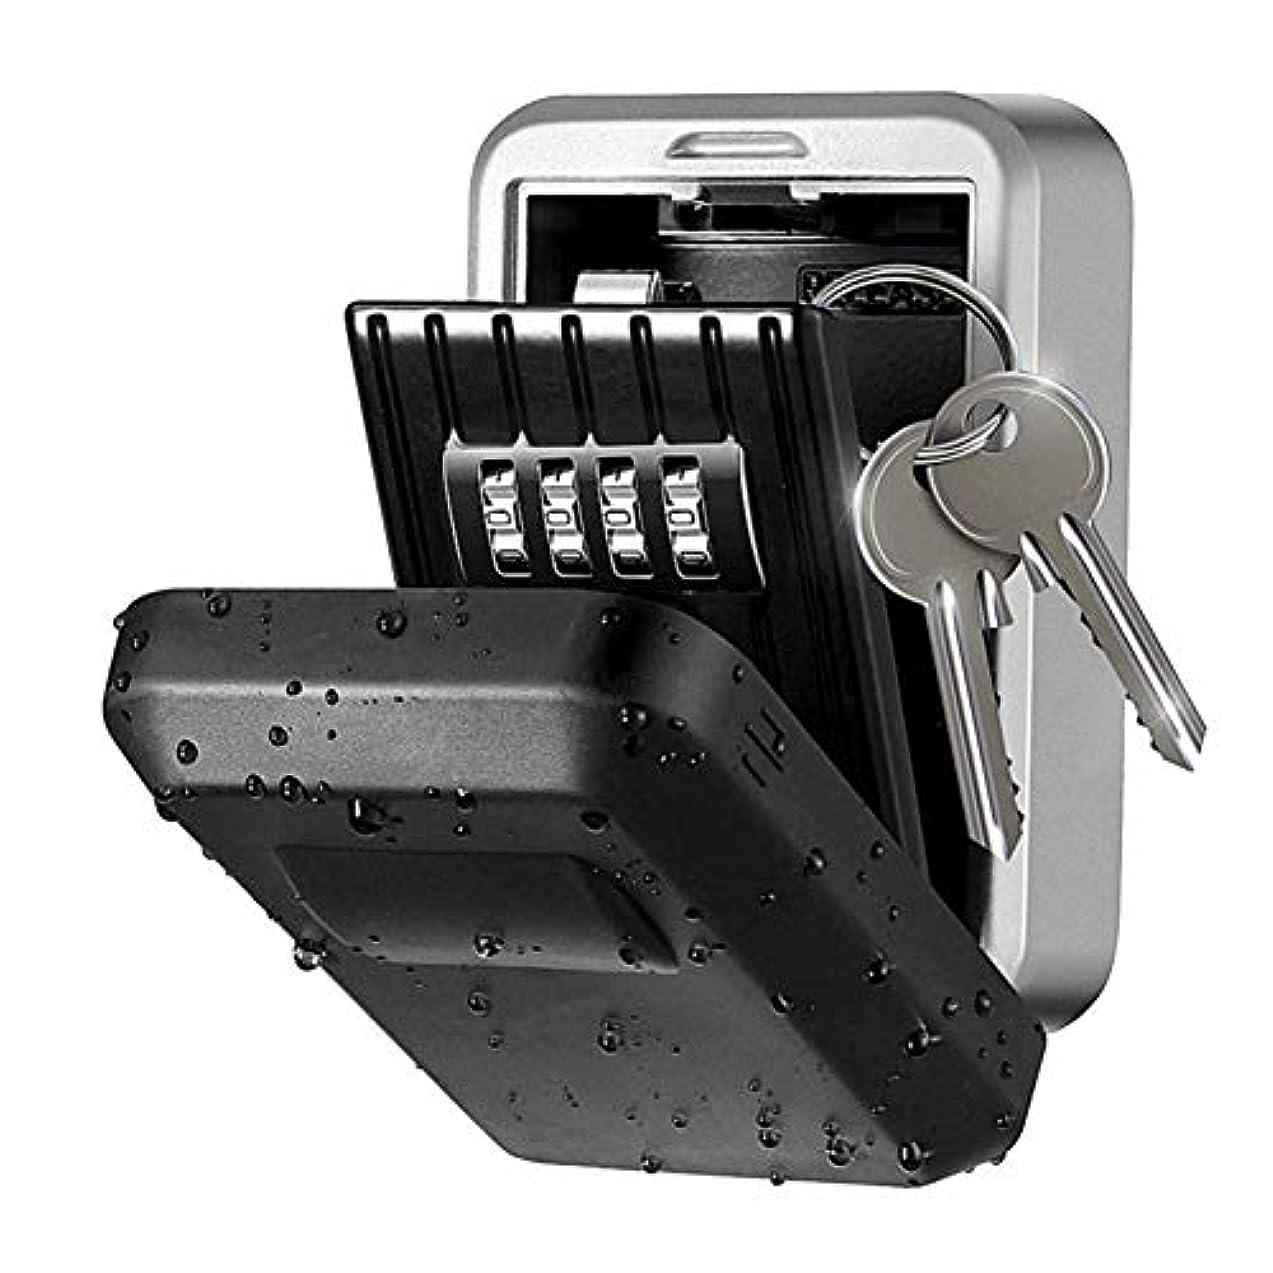 メタンレーザレベルKey Storage Box,ZOZOE Wall Mount Key Lock Box - Strong, Metal, Outdoors 4 Digit Combination Wall Mount Key Safe...